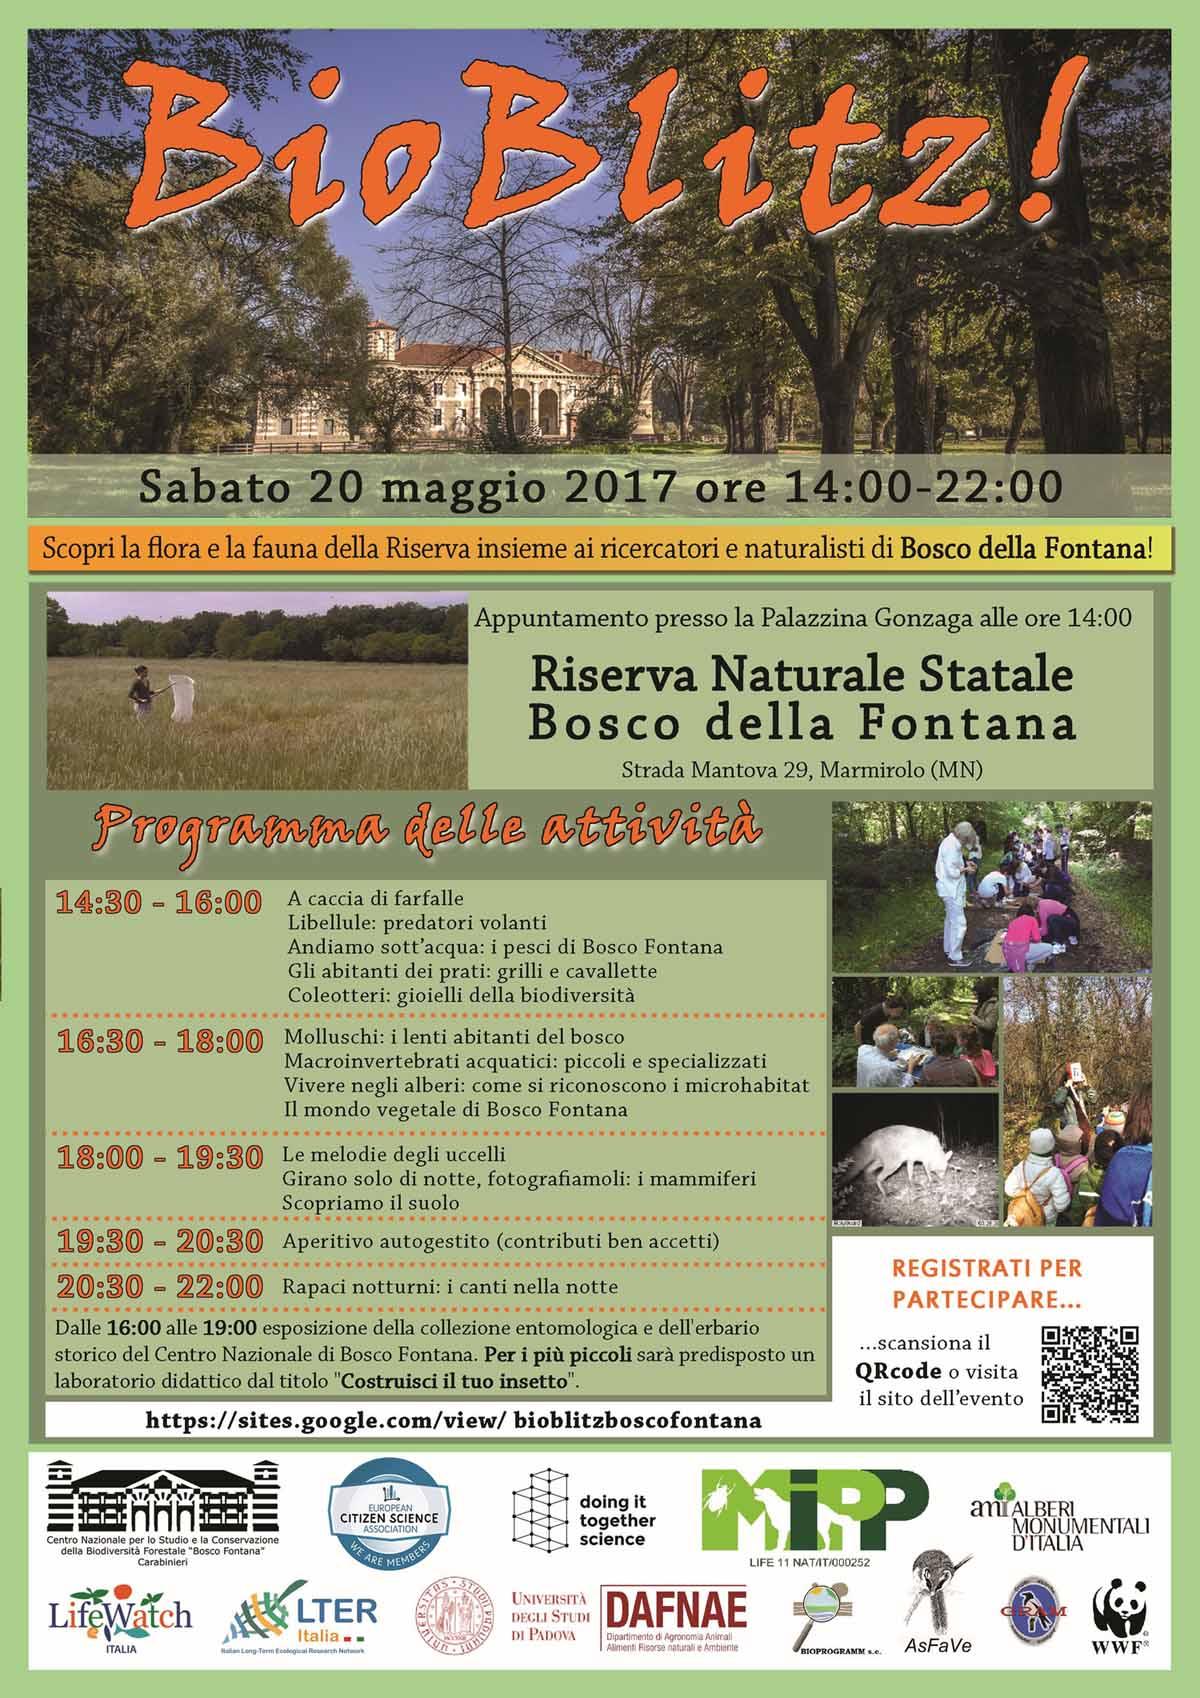 Bioblitz al Bosco Fontana (Mantova) il 20 Maggio 2017